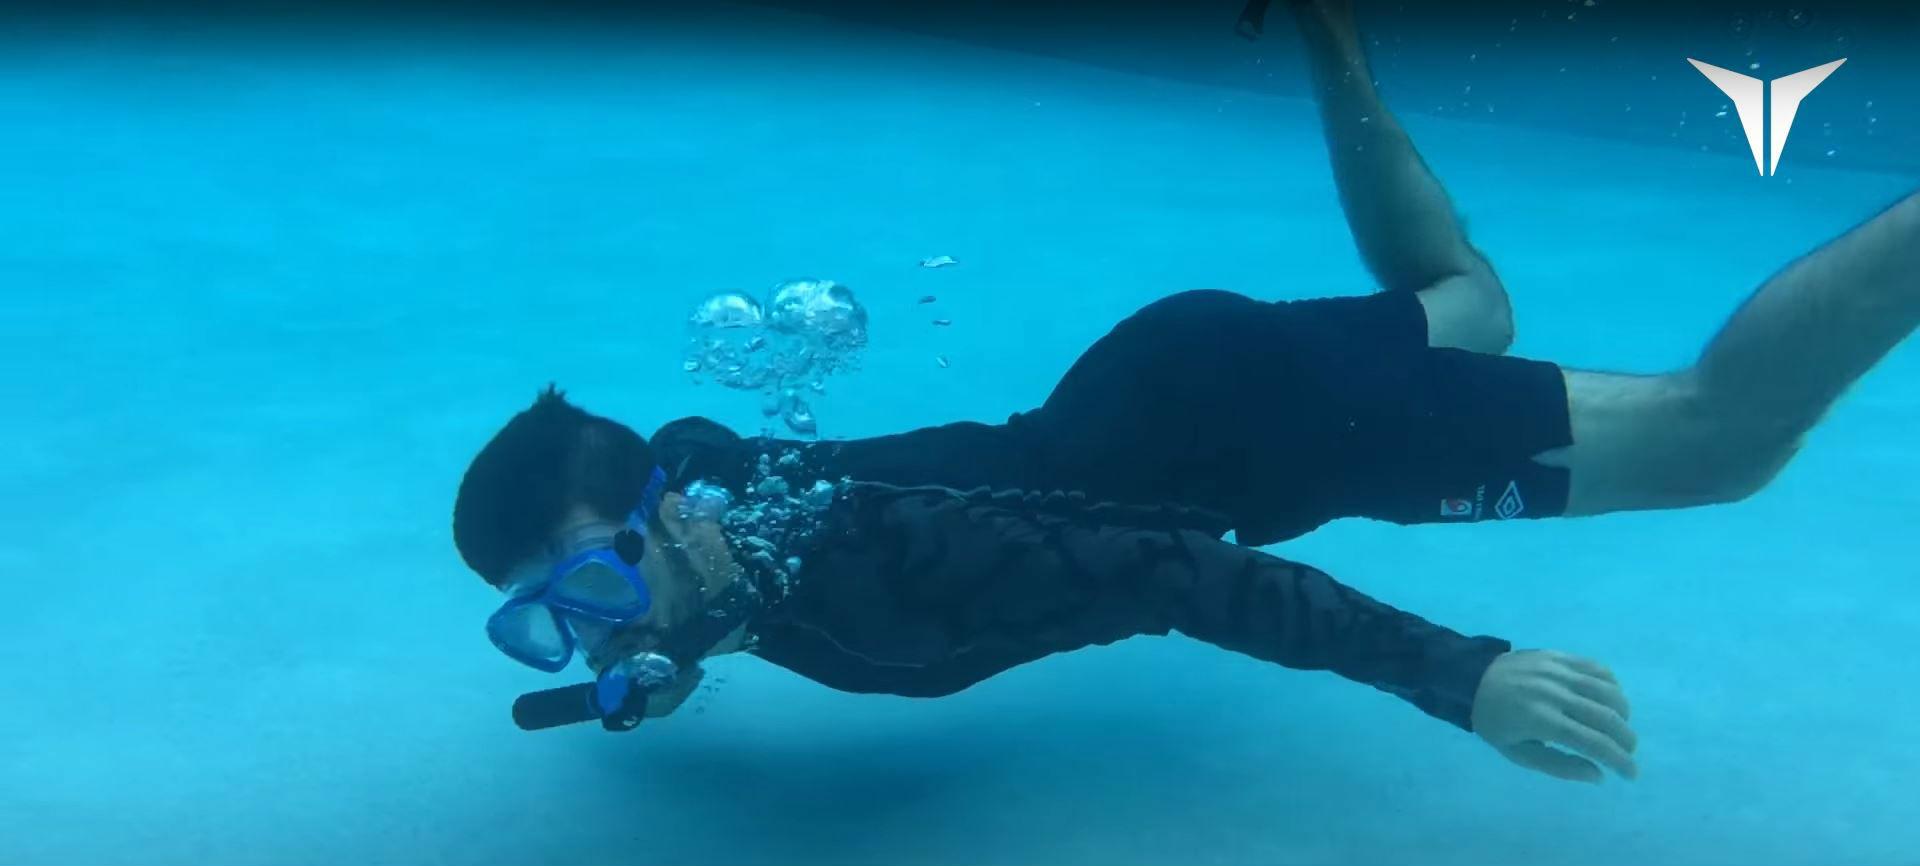 El sueño de respirar bajo el agua de la ciencia ficción se hace realidad con TRITON